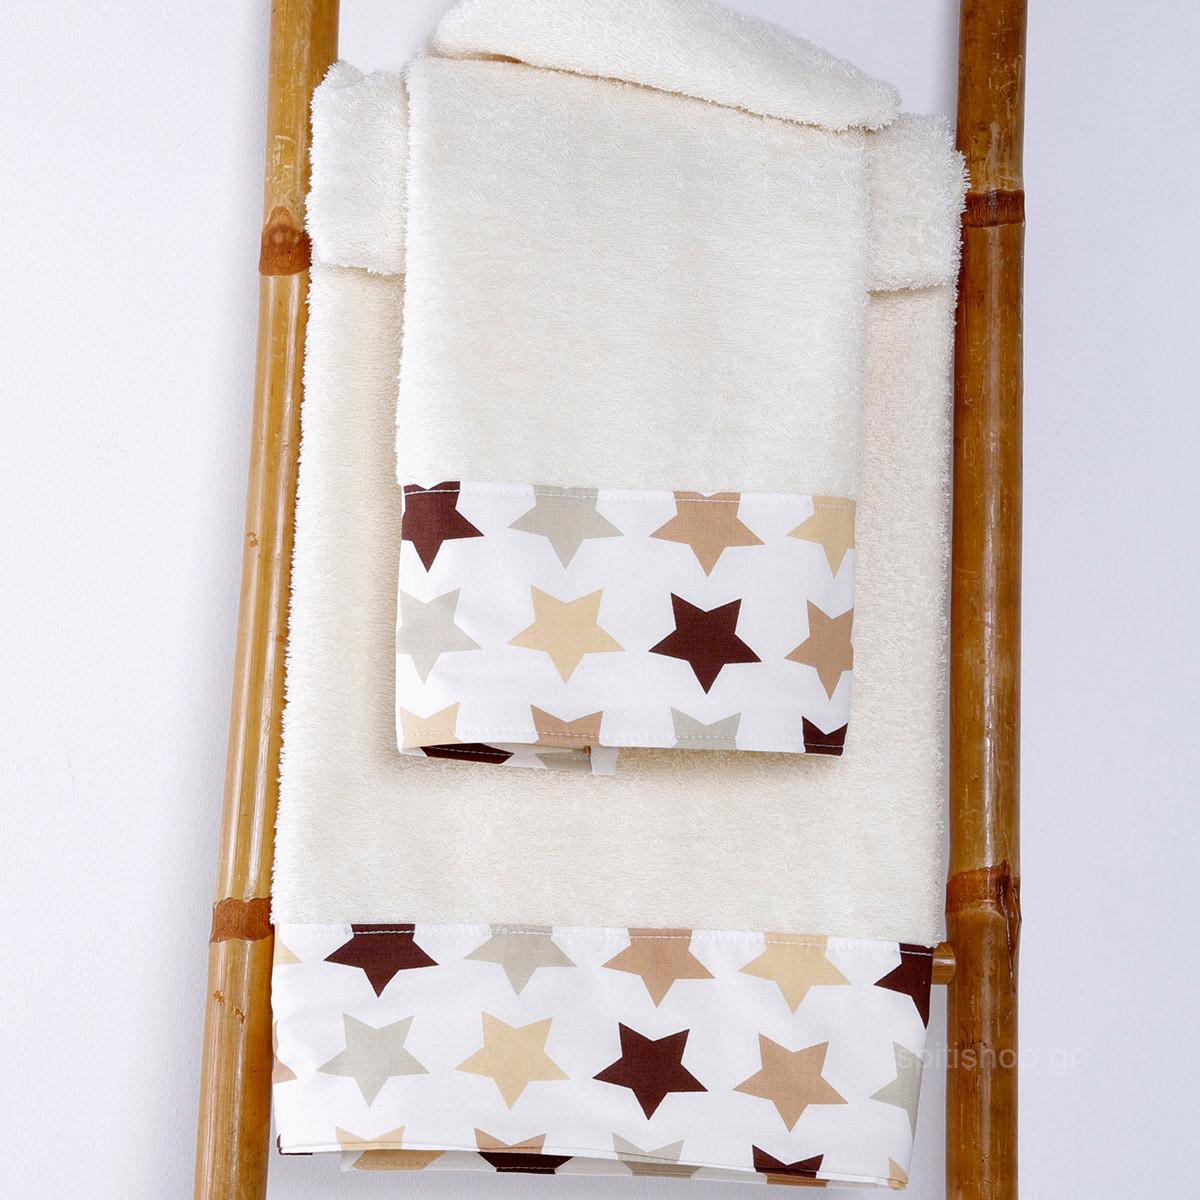 Βρεφικές Πετσέτες (Σετ 2τμχ) Sb Home Baby Stars Beige